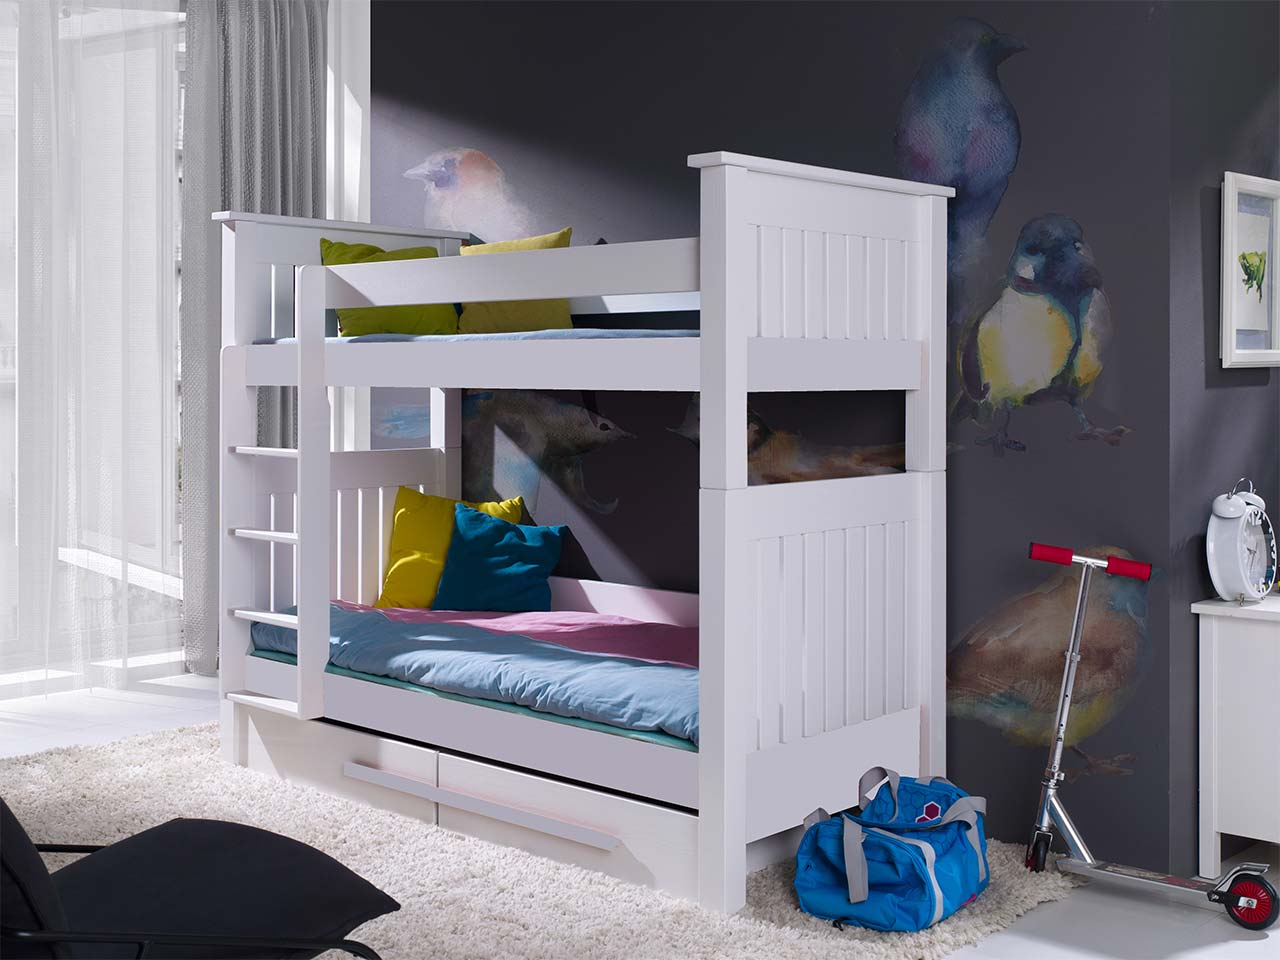 łóżko Piętrowe 2 Osobowe Casimir Do Pokoju Młodzieżowego